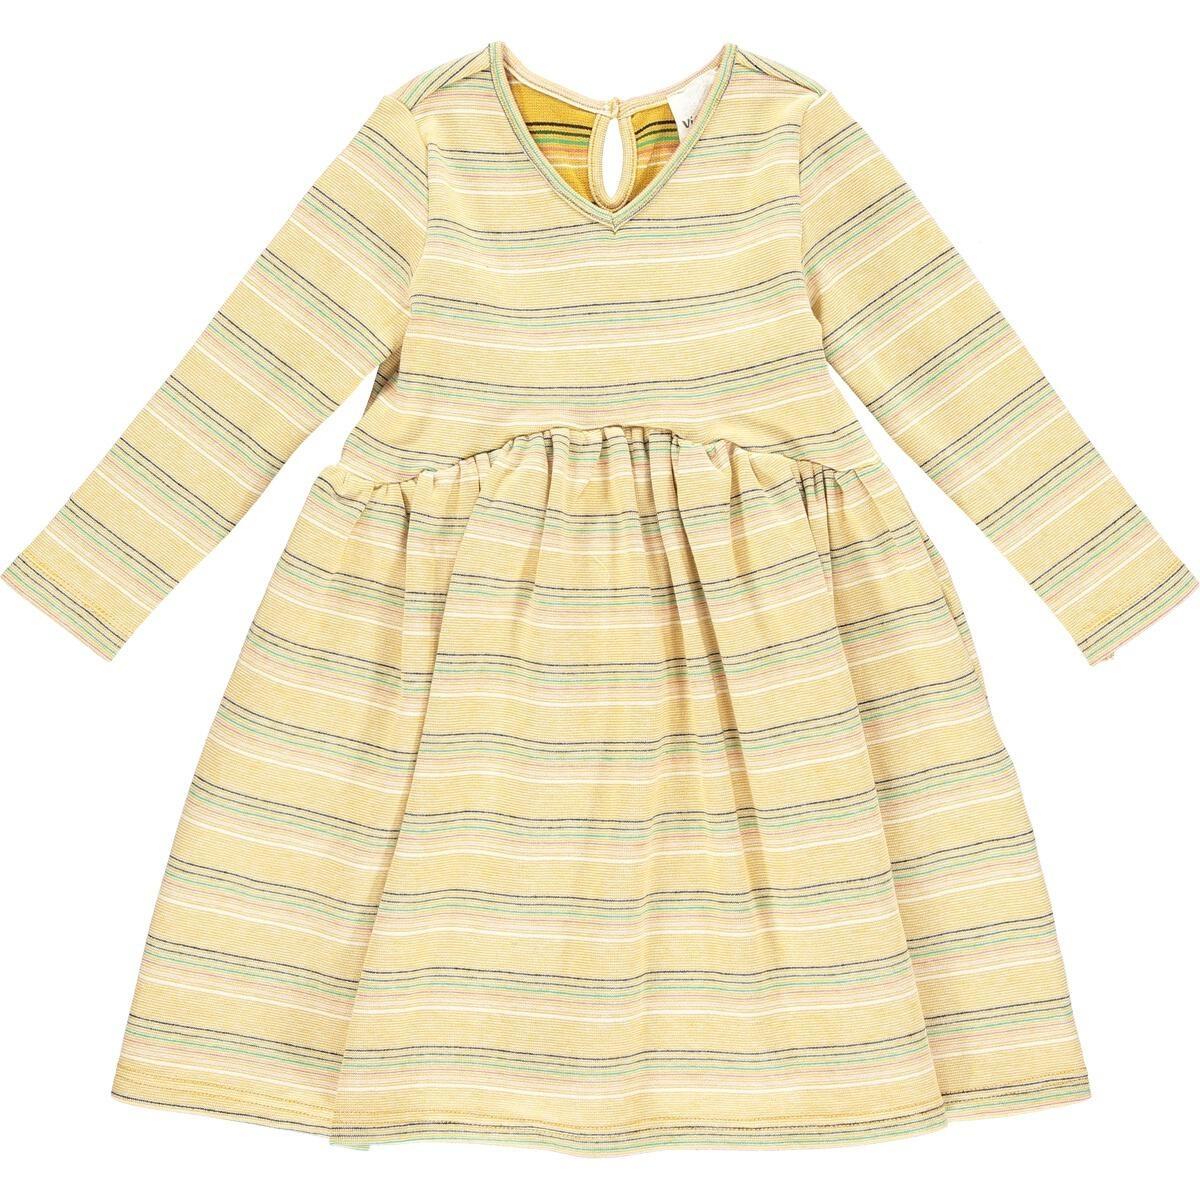 Vignette Vignette Winnie Dress